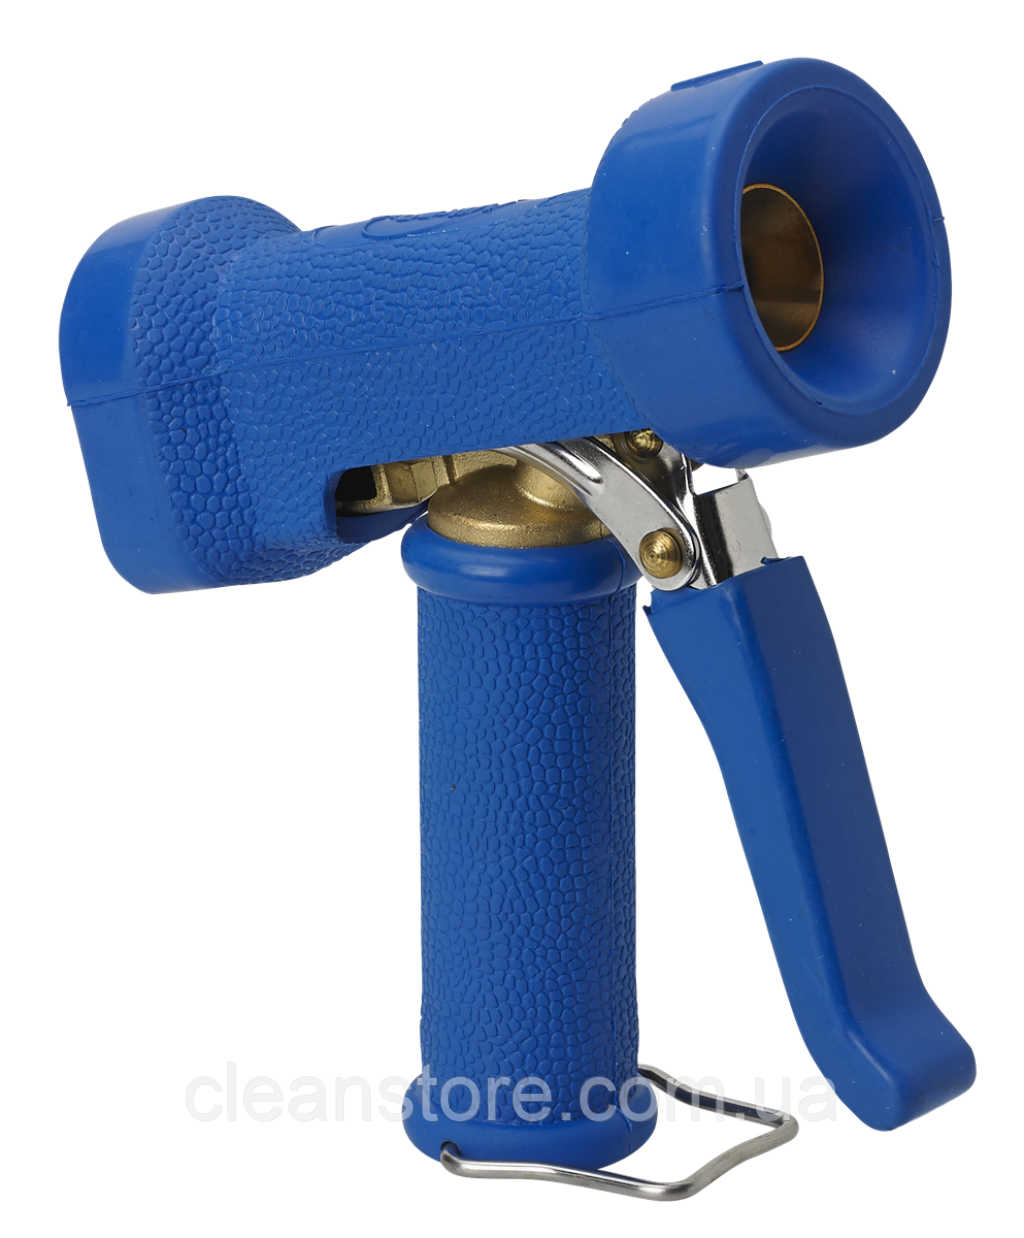 Пистолет Vikan для подачи воды, повышенной эксплуатационной надежности, 145 мм